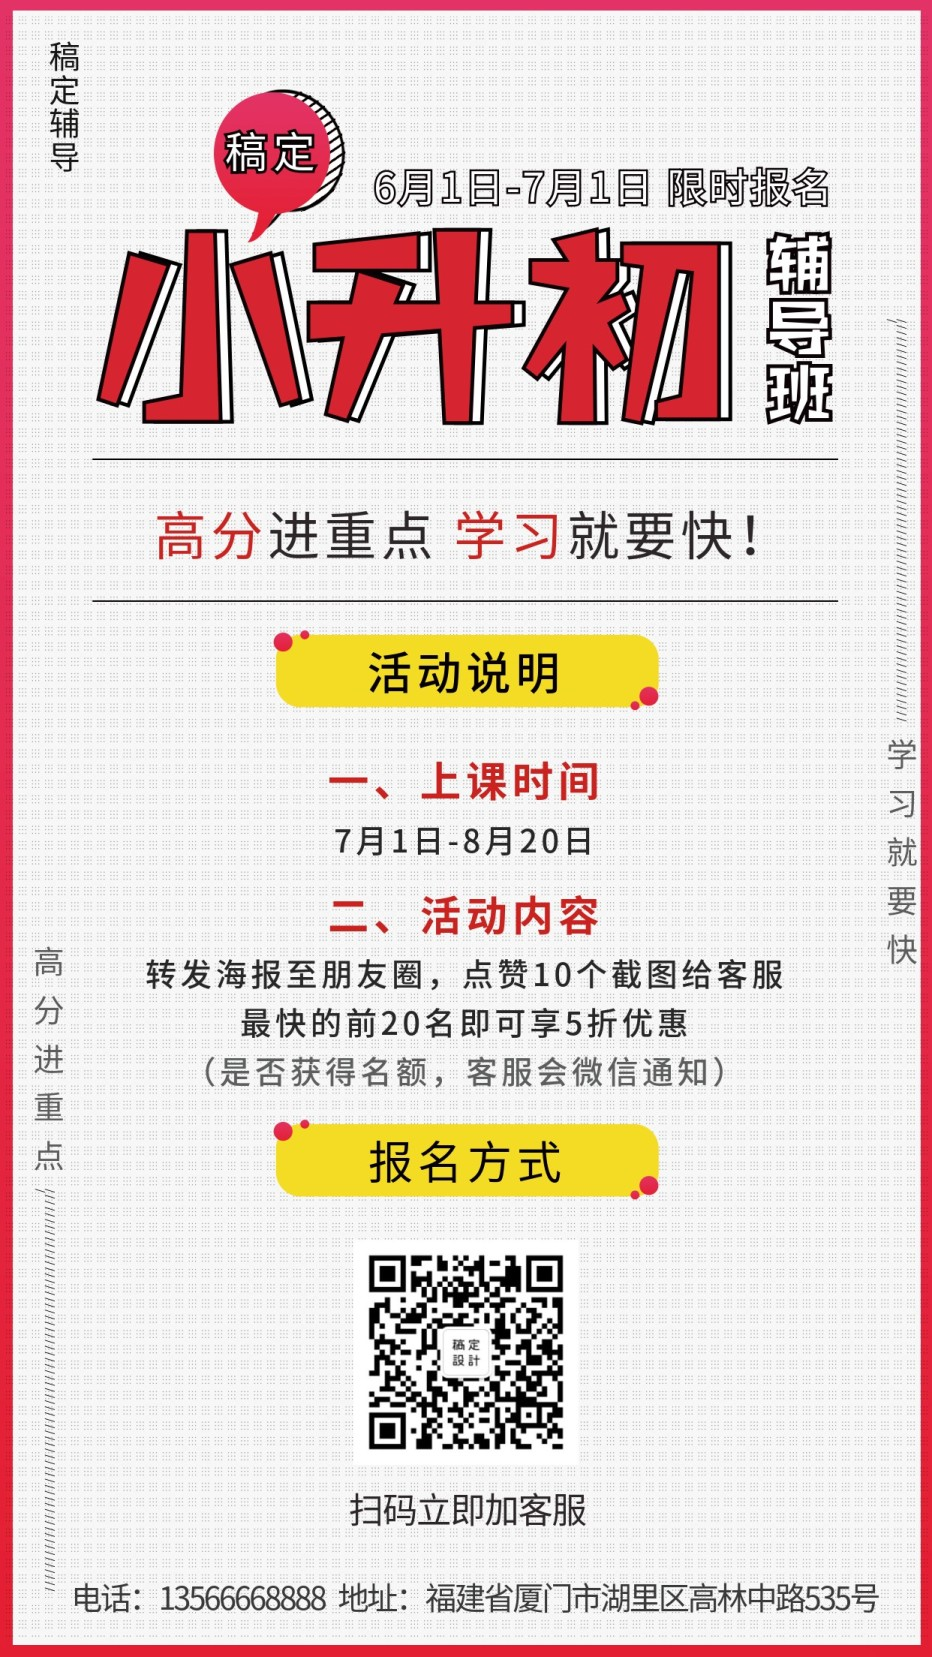 小升初暑期辅导/培训招生/手机海报